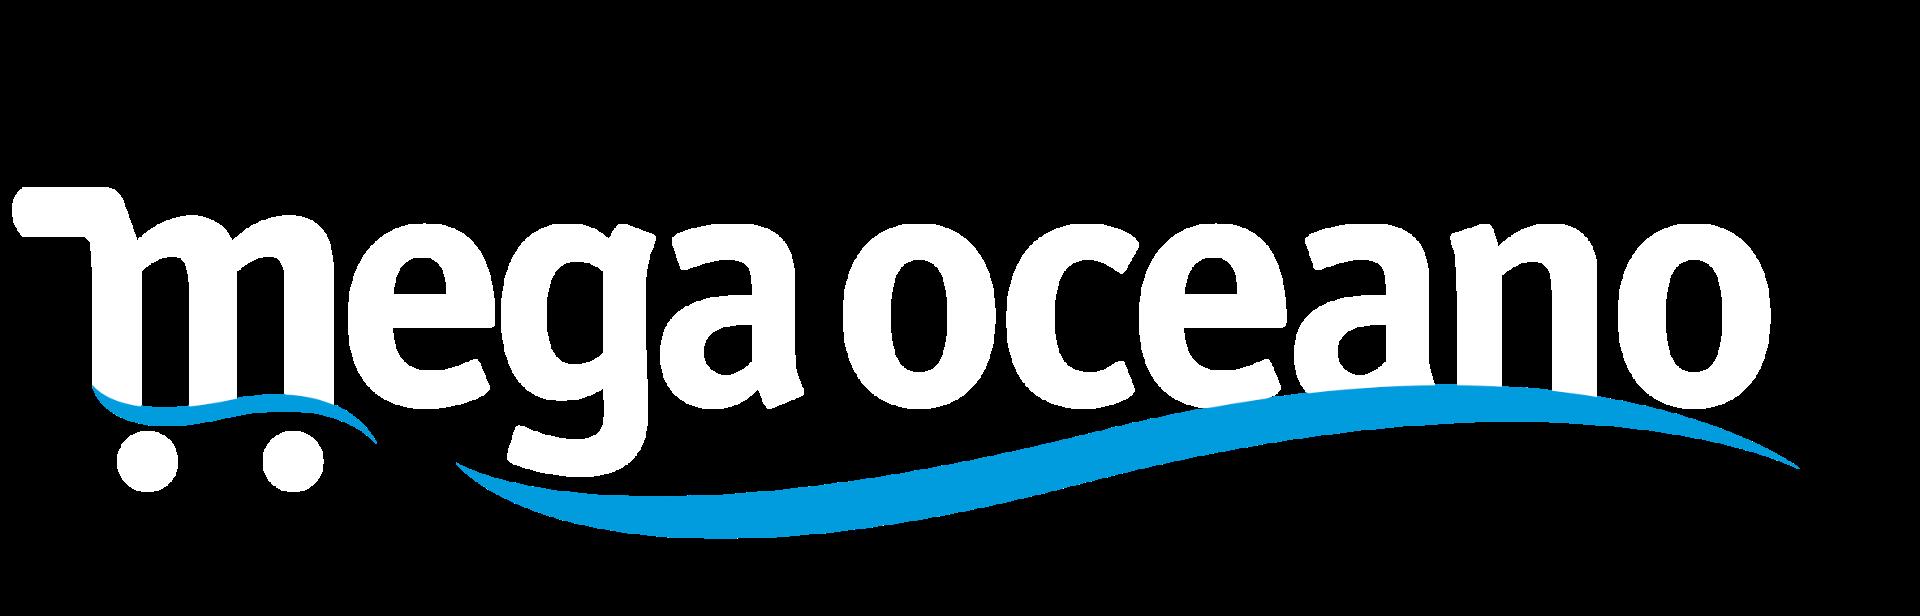 MEGA OCEANO